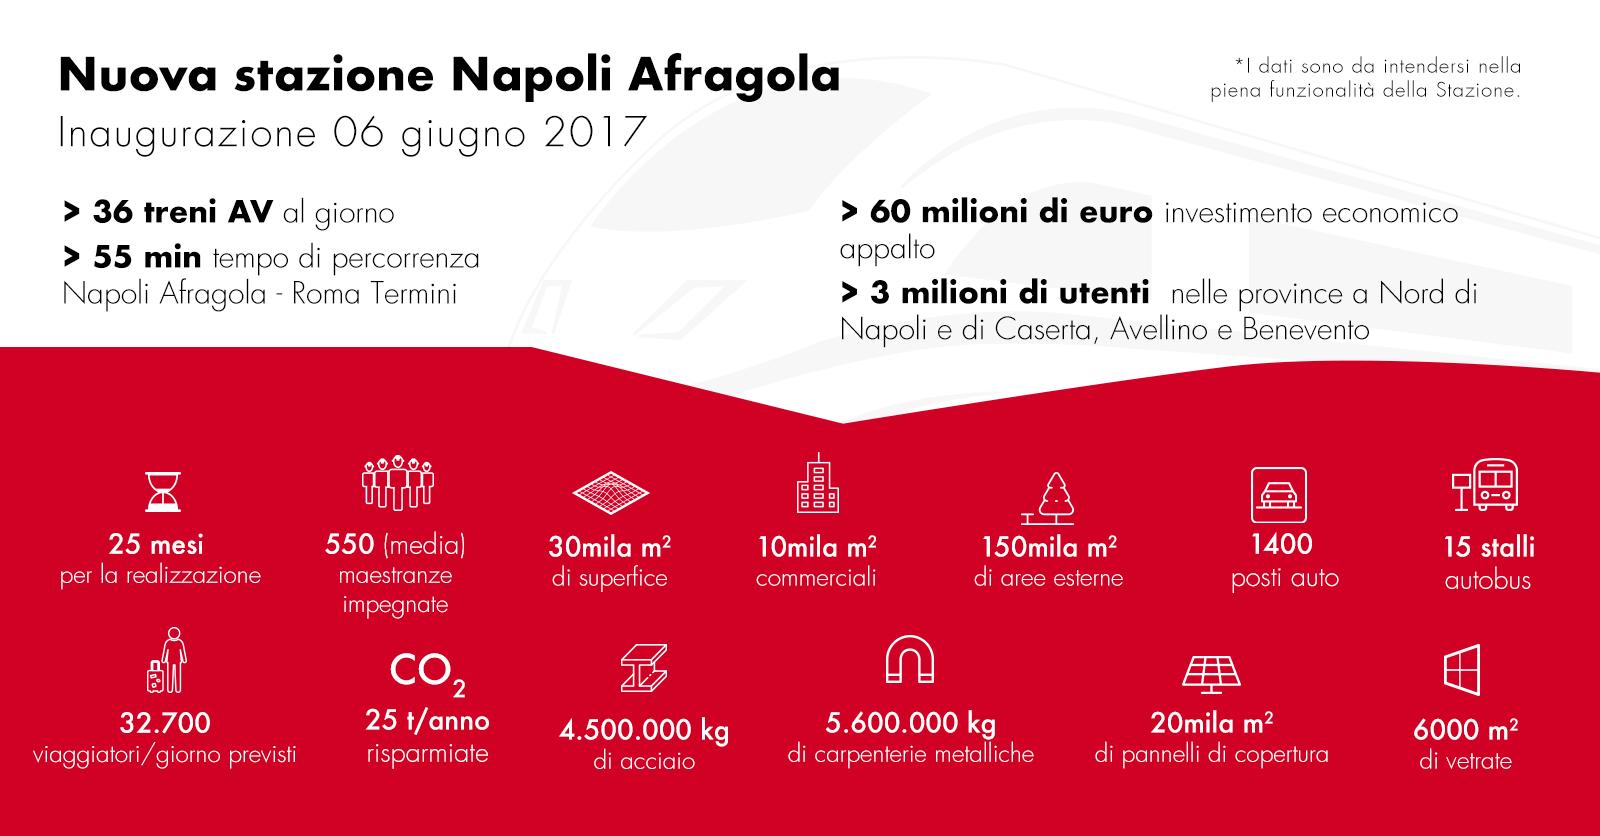 Napoli Afragola